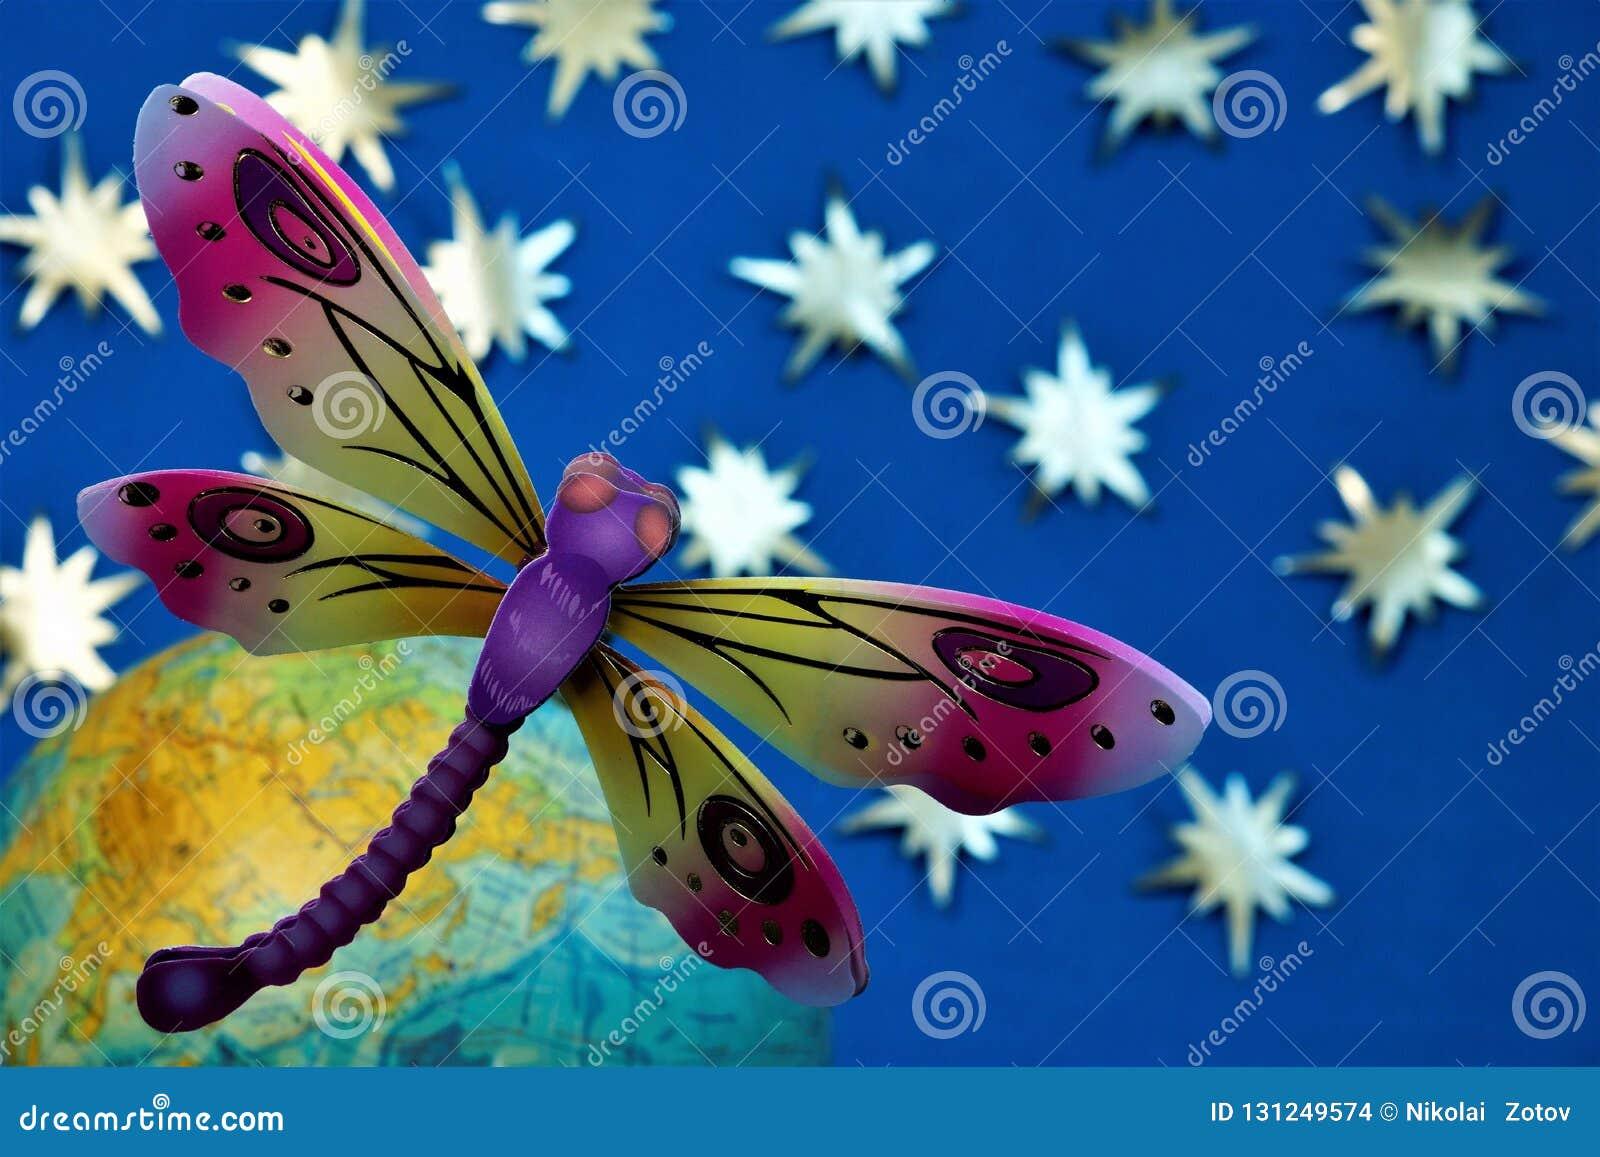 ed5e08f9bd El colorante brillante del día de fiesta de la libélula asoma sobre la  tierra contra el cielo estrellado borroso